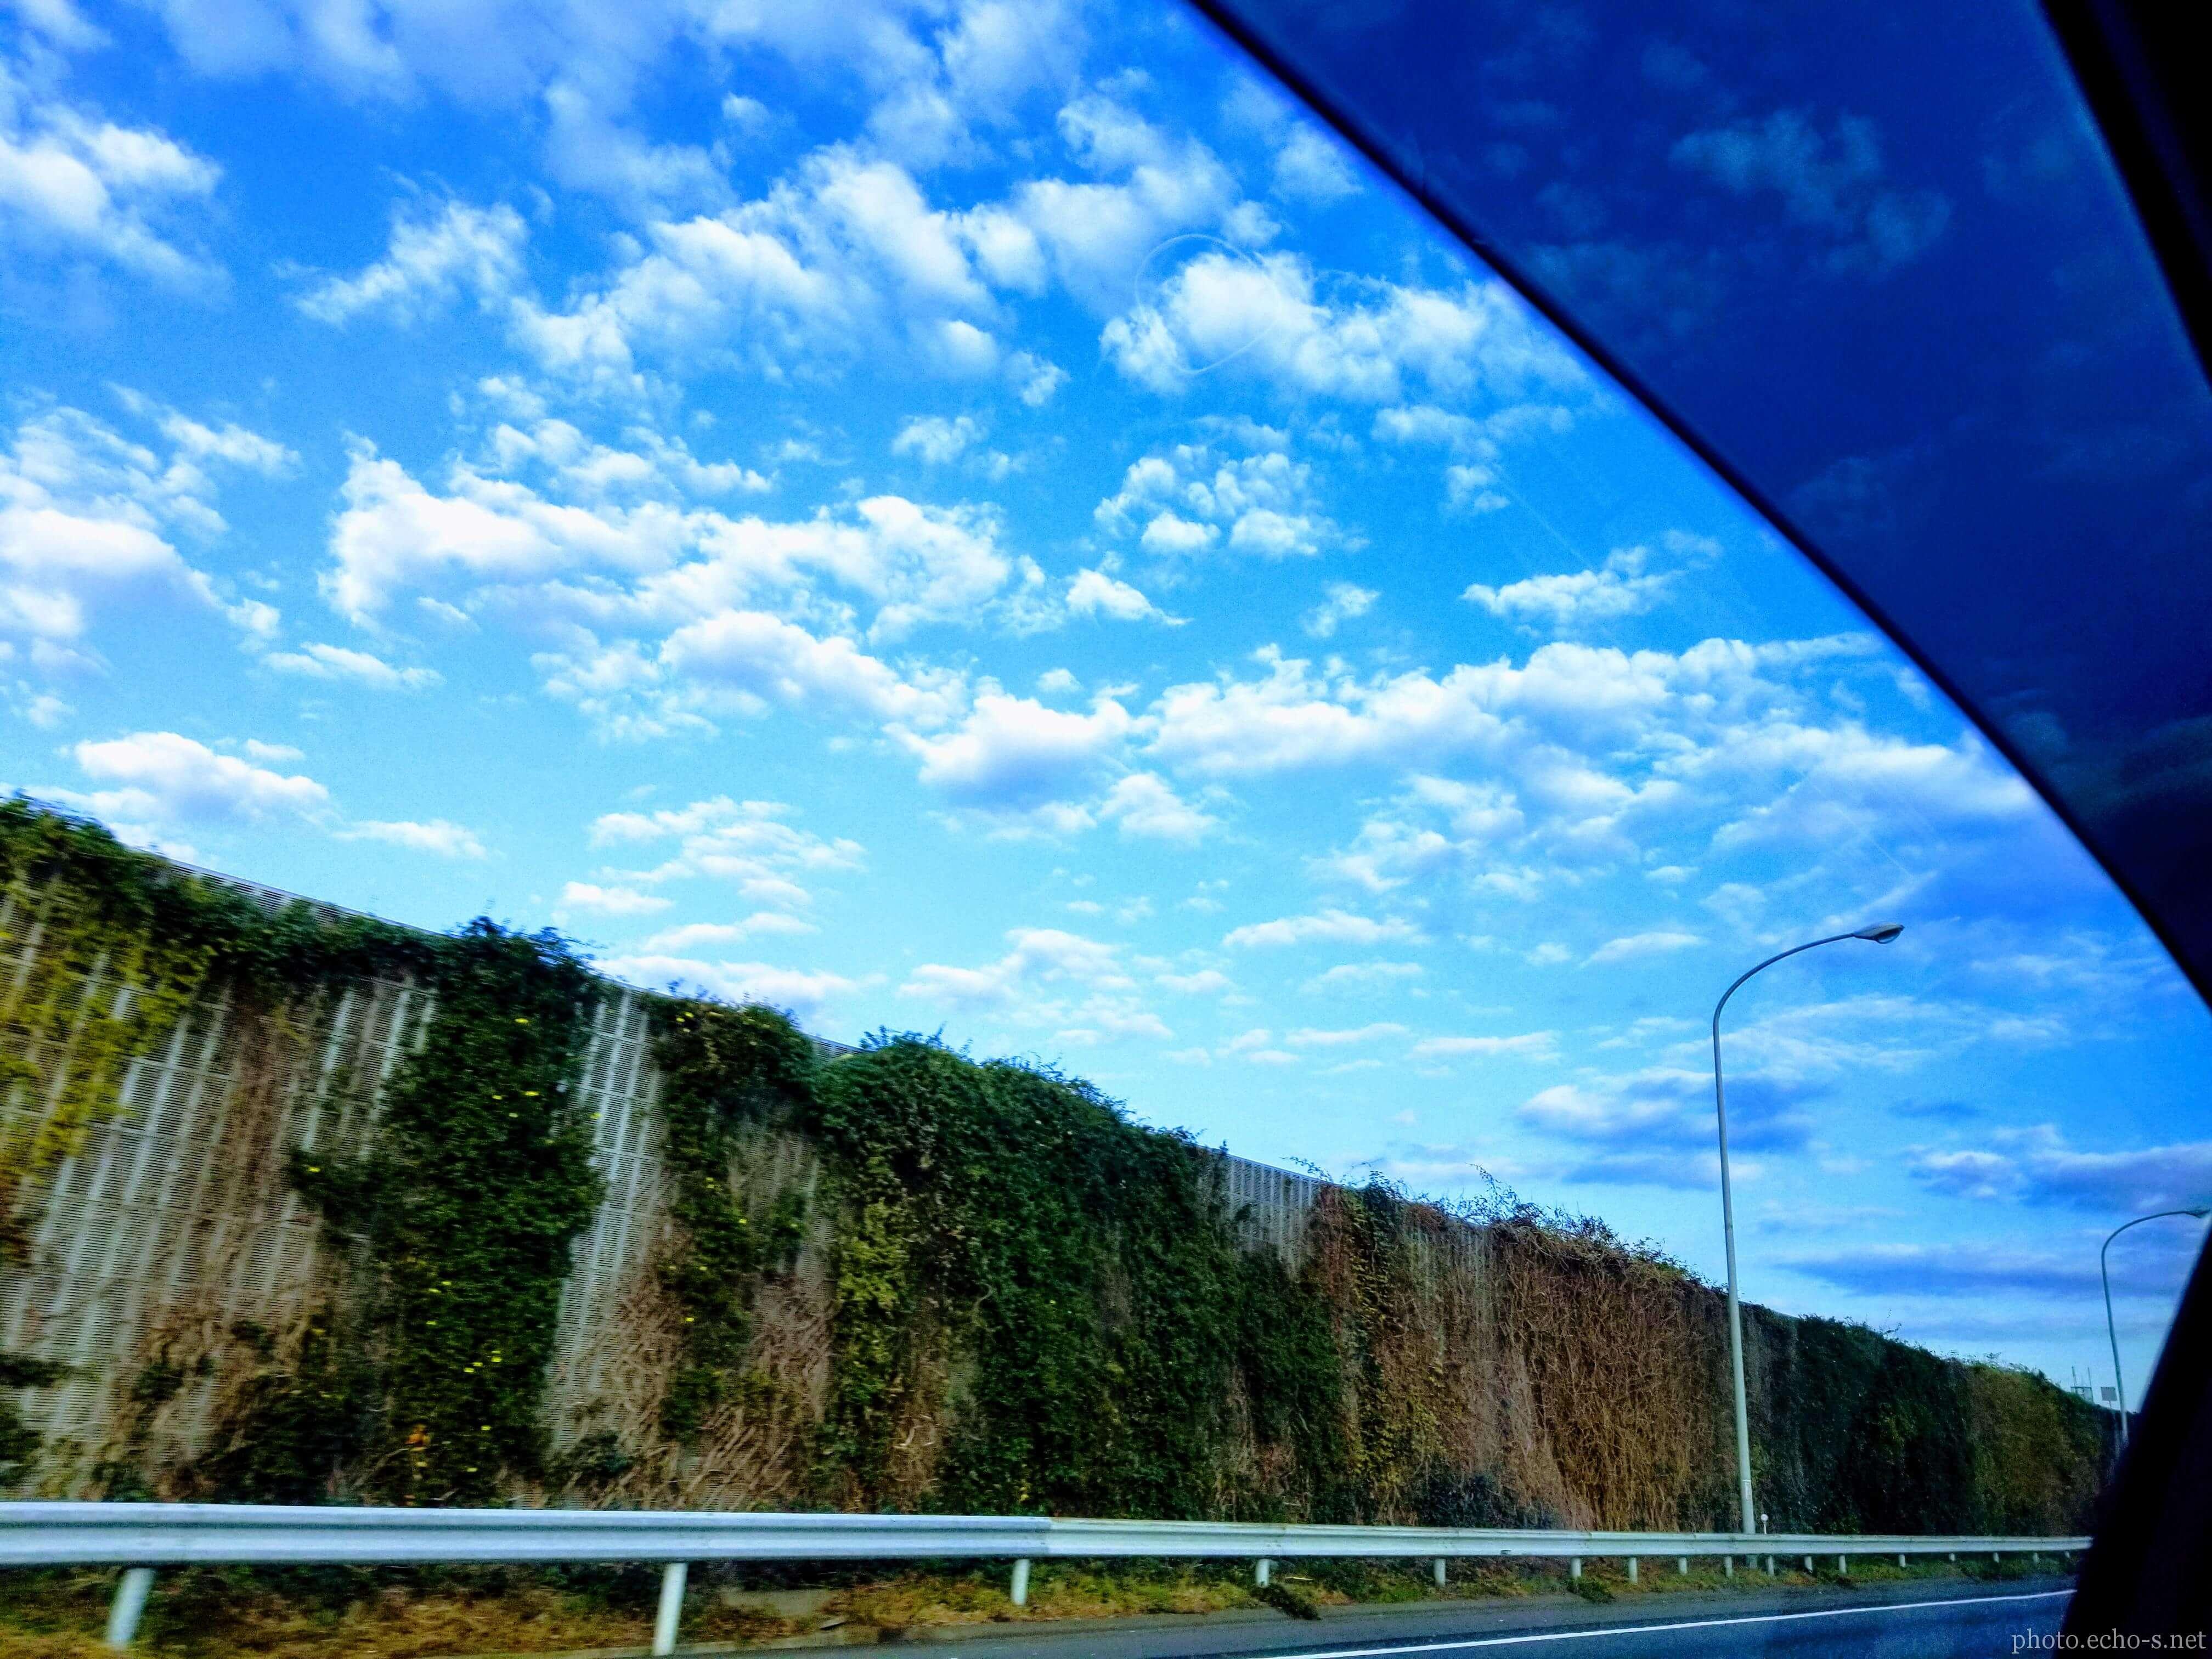 埼玉県 ふじみ野市 関越自動車道